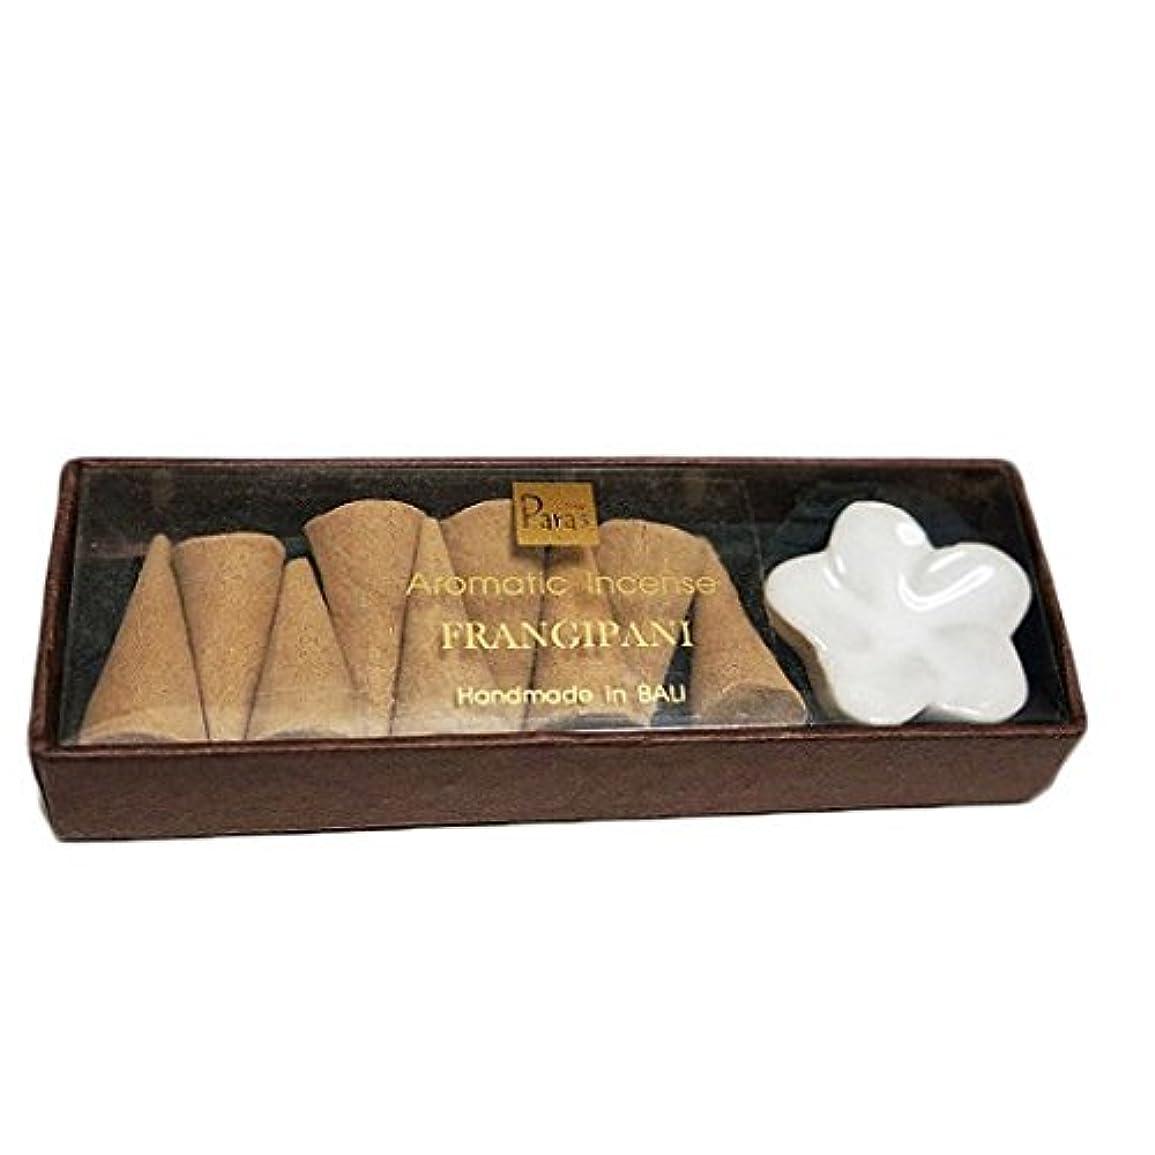 マニアック荒れ地無臭フランジパニ お香セット【トコパラス TOKO PARAS】バリ島 フランジパニの陶器のお香立て付き ナチュラルハンドメイドのお香